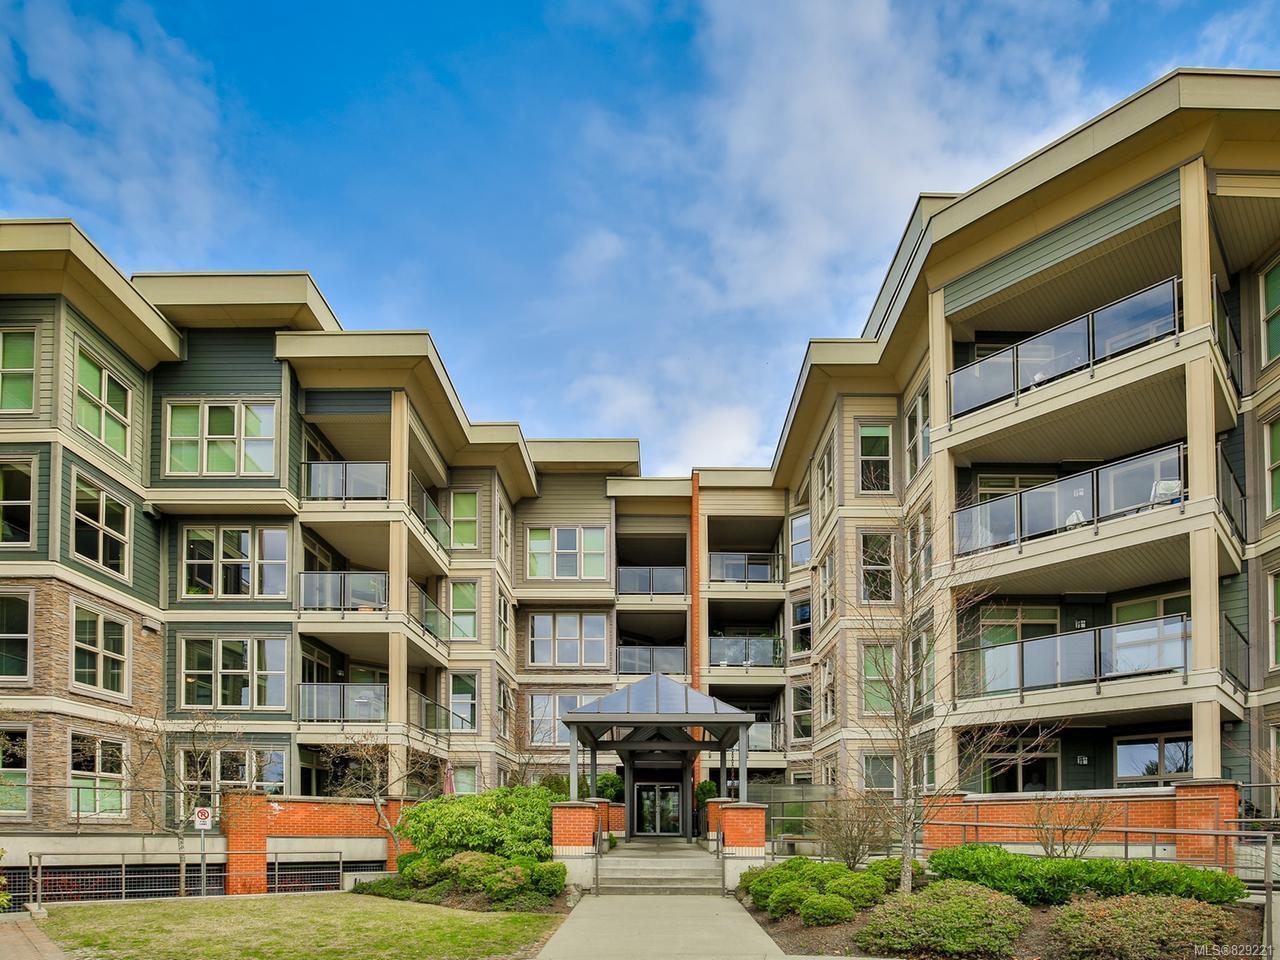 Main Photo: 215 6310 McRobb Ave in NANAIMO: Na North Nanaimo Condo for sale (Nanaimo)  : MLS®# 829221